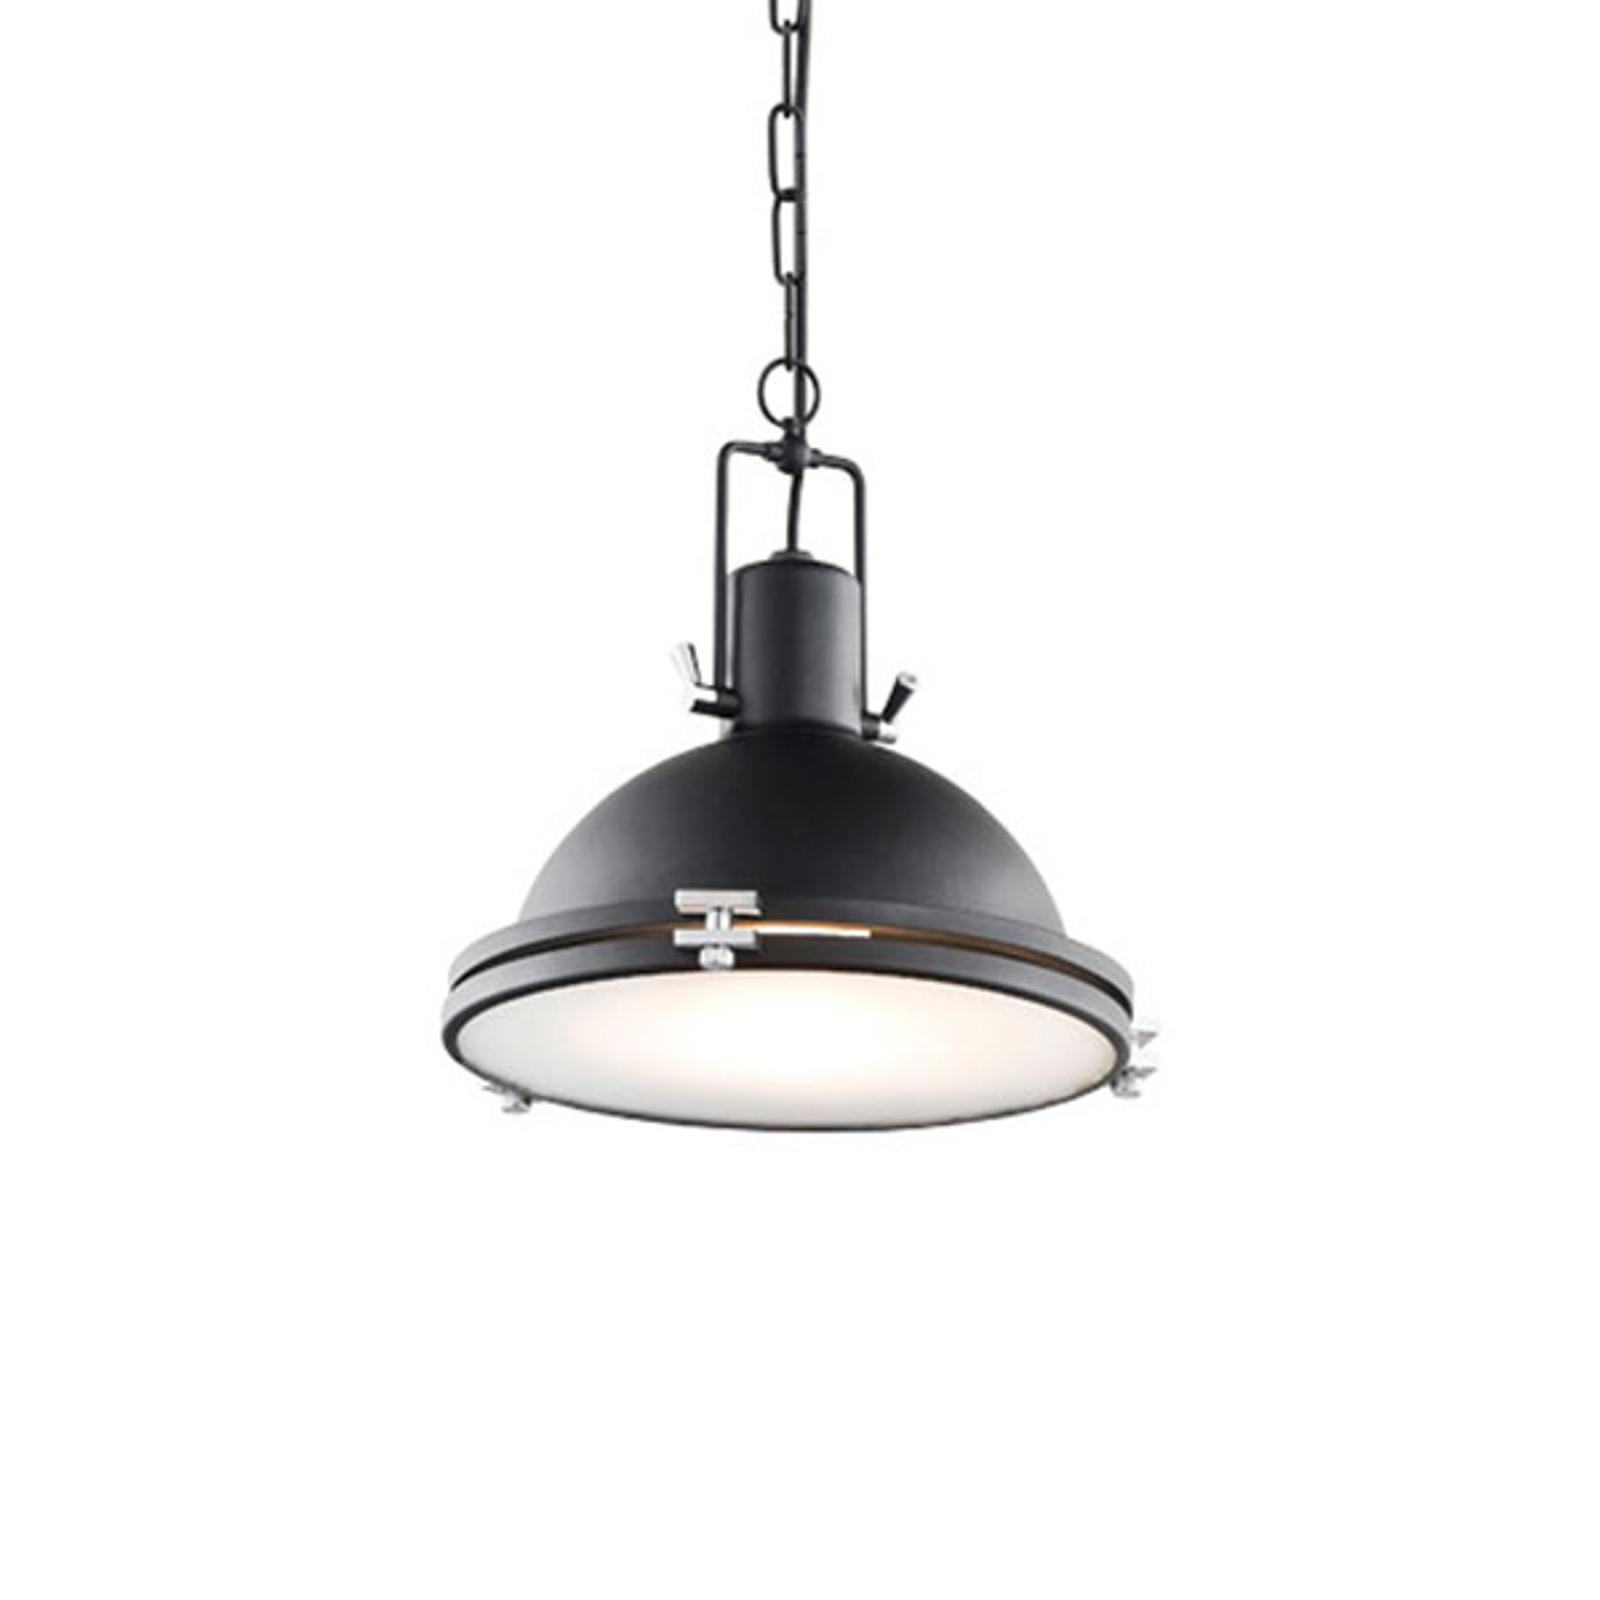 Hengelampe Kemi, svart, Ø 26 cm